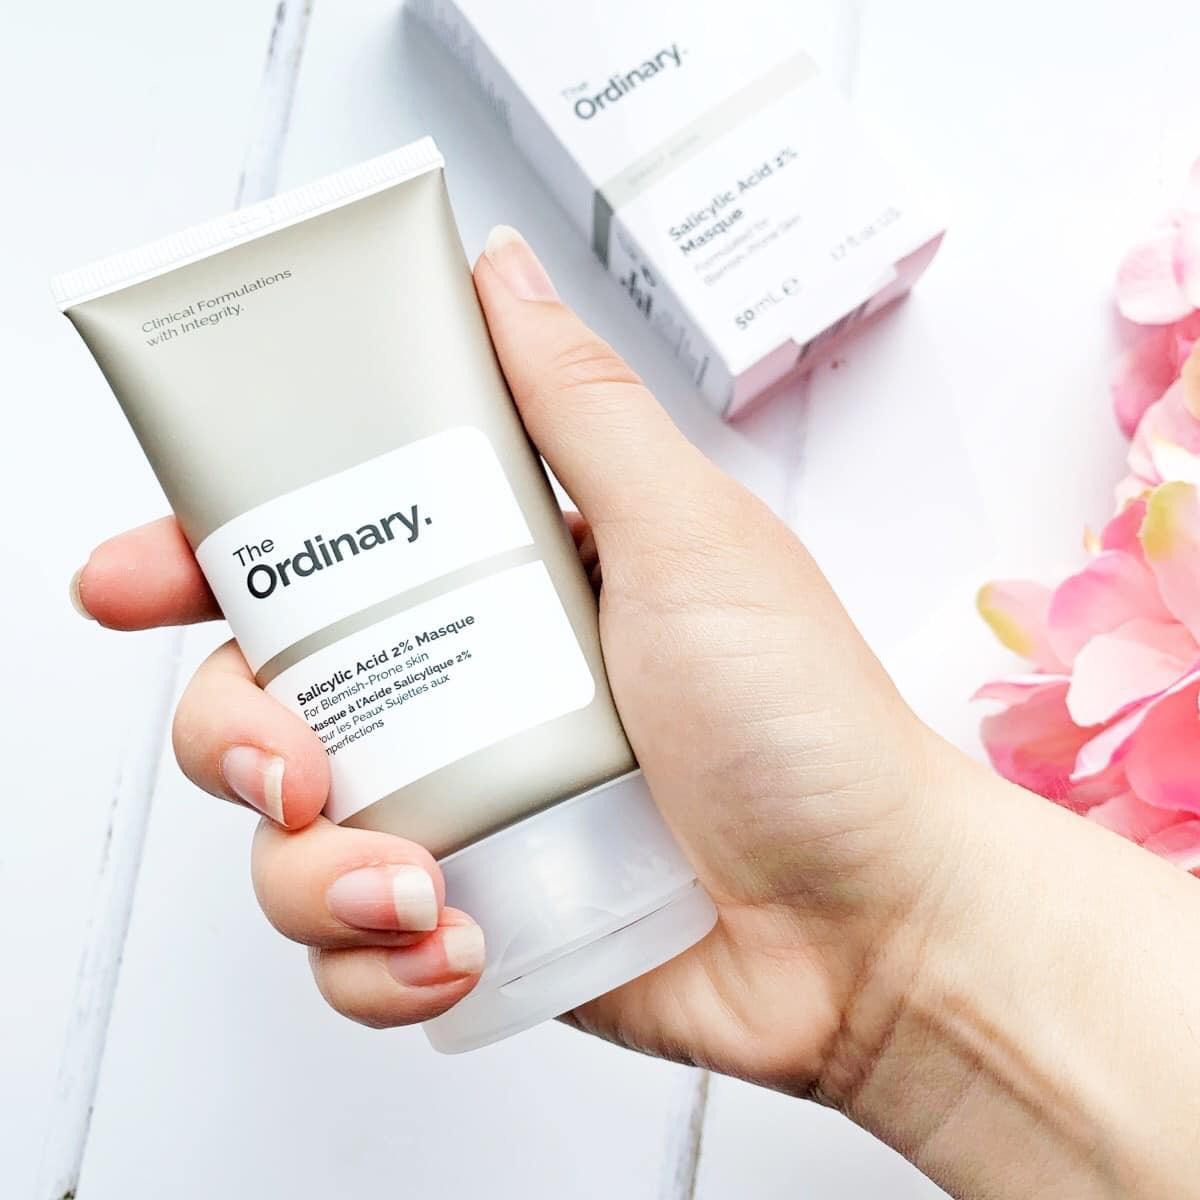 Muốn da láng mịn, đẩy lùi nếp nhăn thì bạn phải bổ sung ngay sản phẩm này vào chu trình dưỡng da - Hình 2